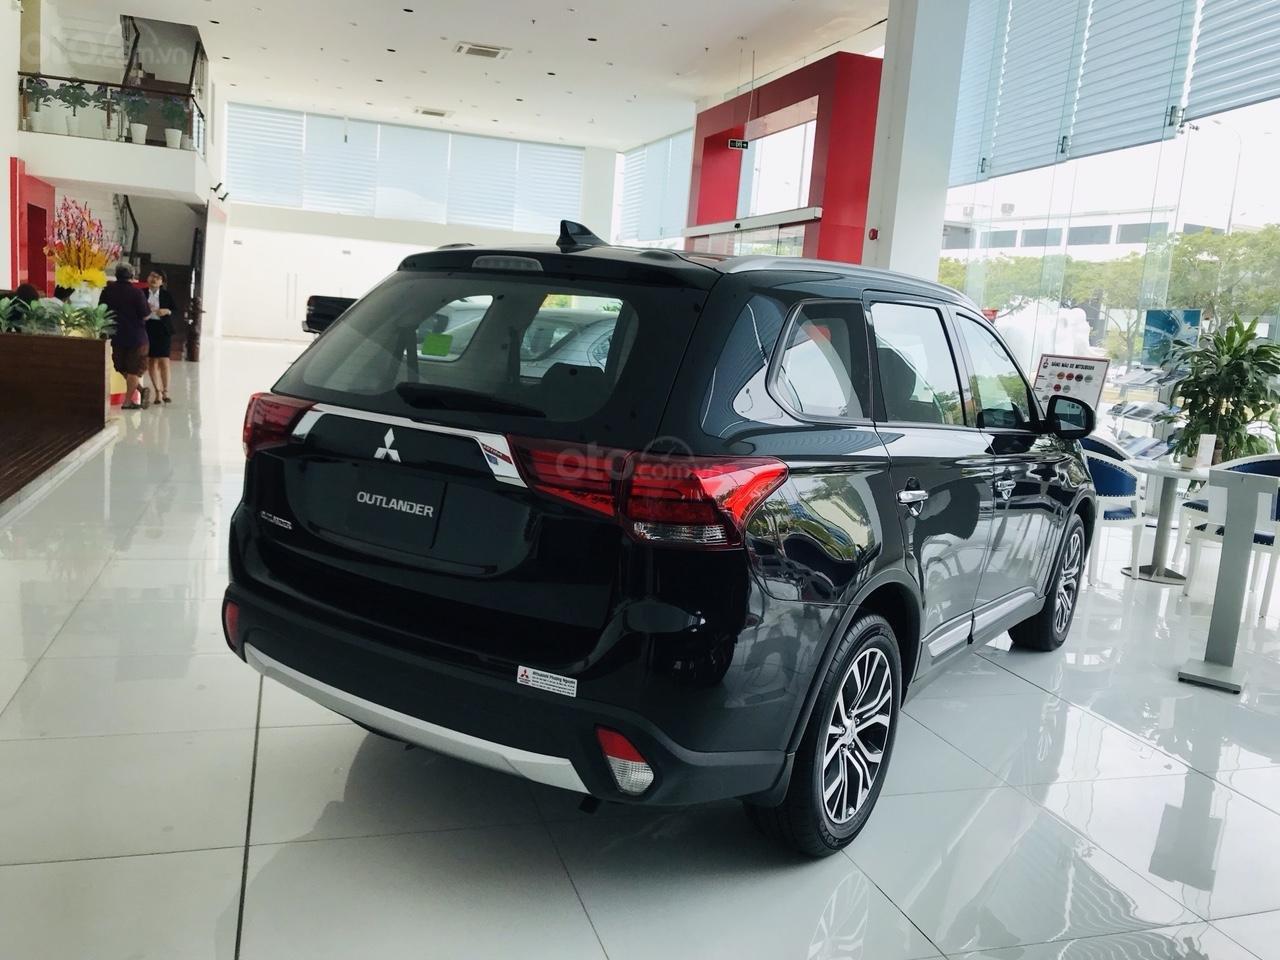 Bán xe Mitsubishi Outlander 2.0 CVT năm sản xuất 2019, trả góp 80%, liên hệ: 0969 496 596 để nhận nhiều ưu đãi (3)